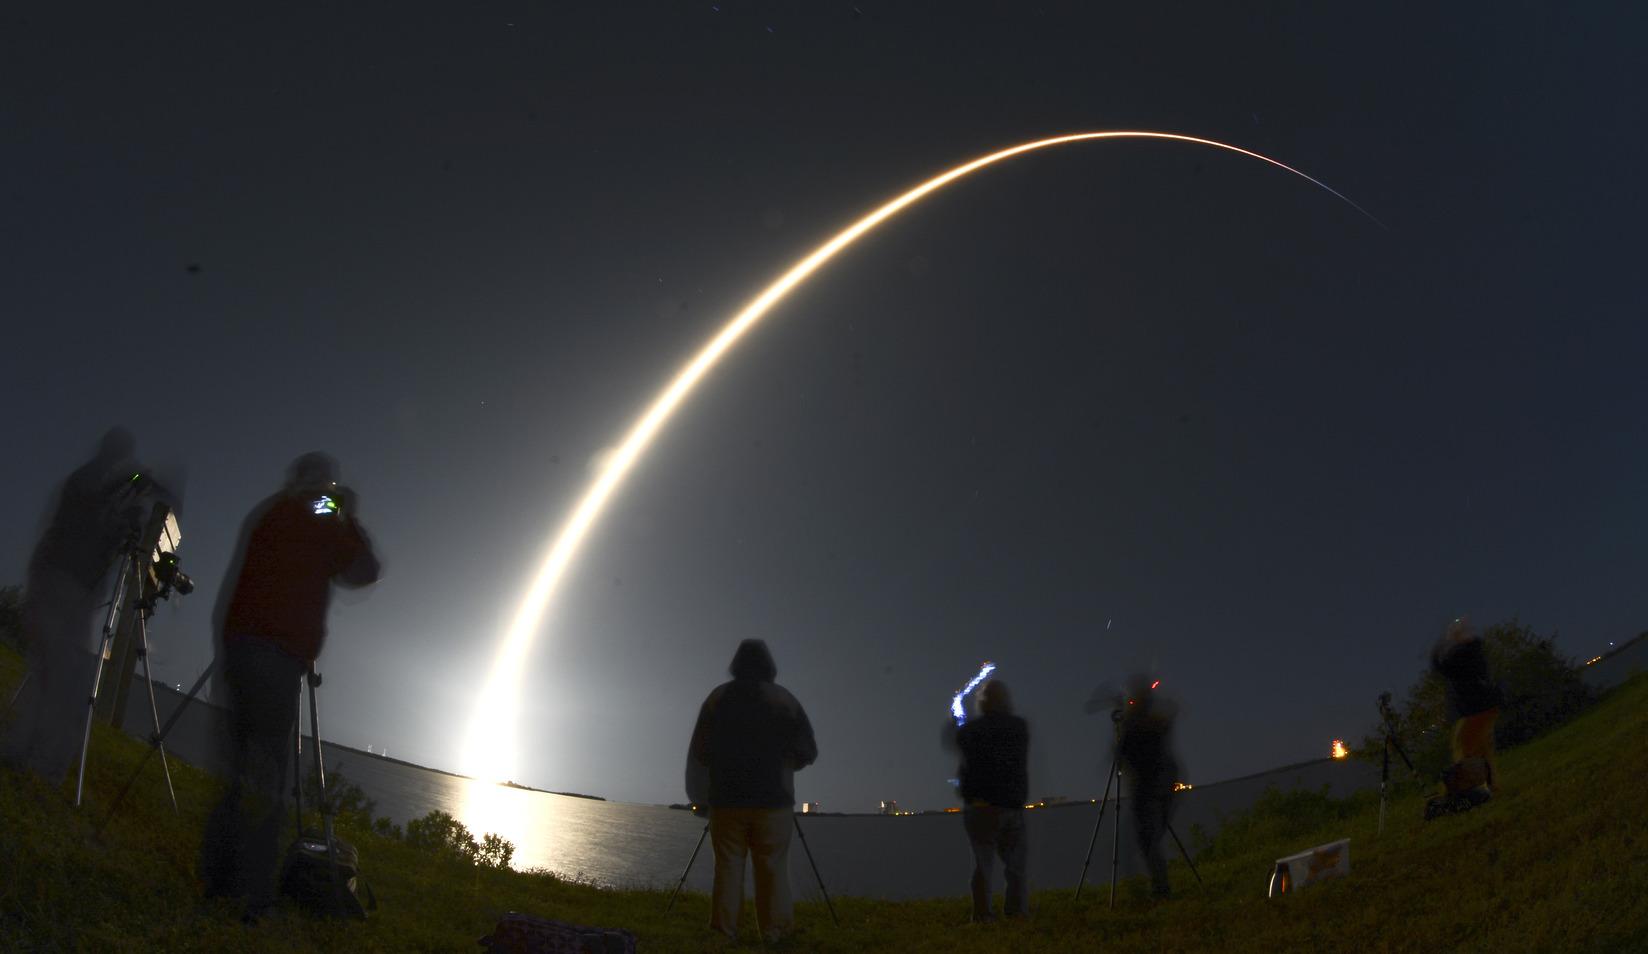 A SpaceX Falcon-9 rakétájának felbocsátása a Kennedy Űrközpontból március 16-án. (Fotó: Sipa USA)